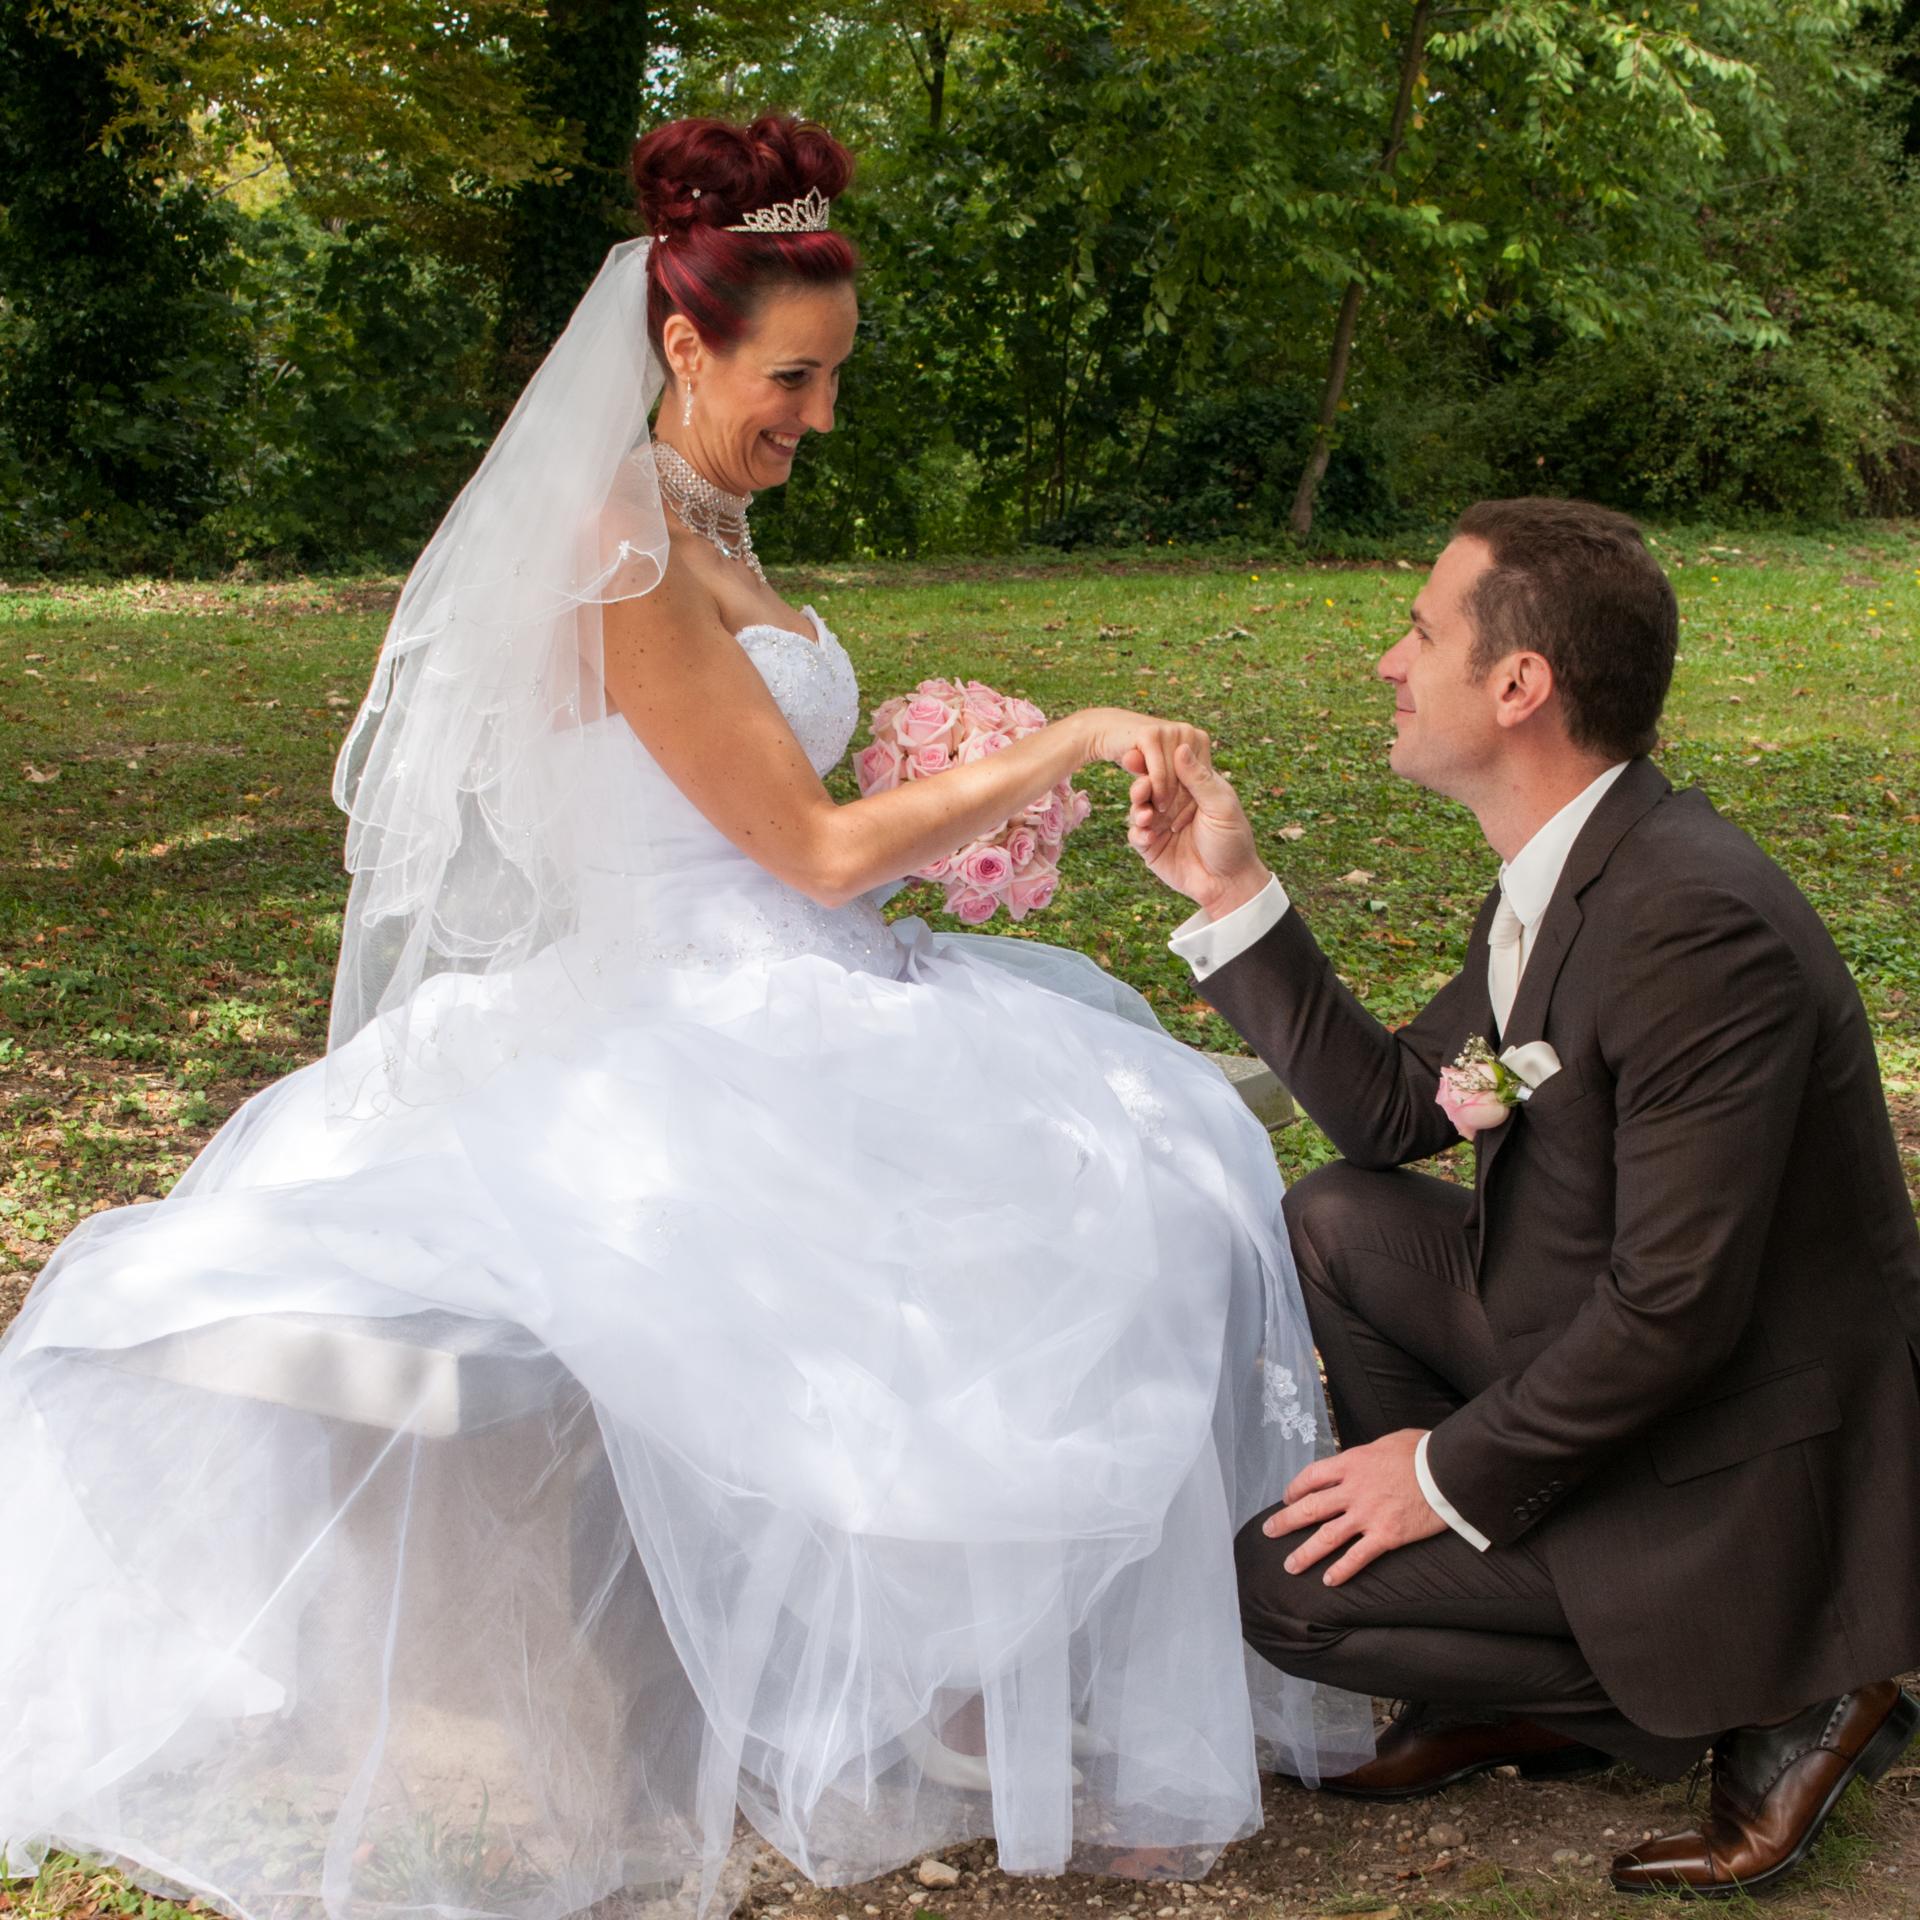 Demande en mariage - Mariage Natacha et Mickael 2017